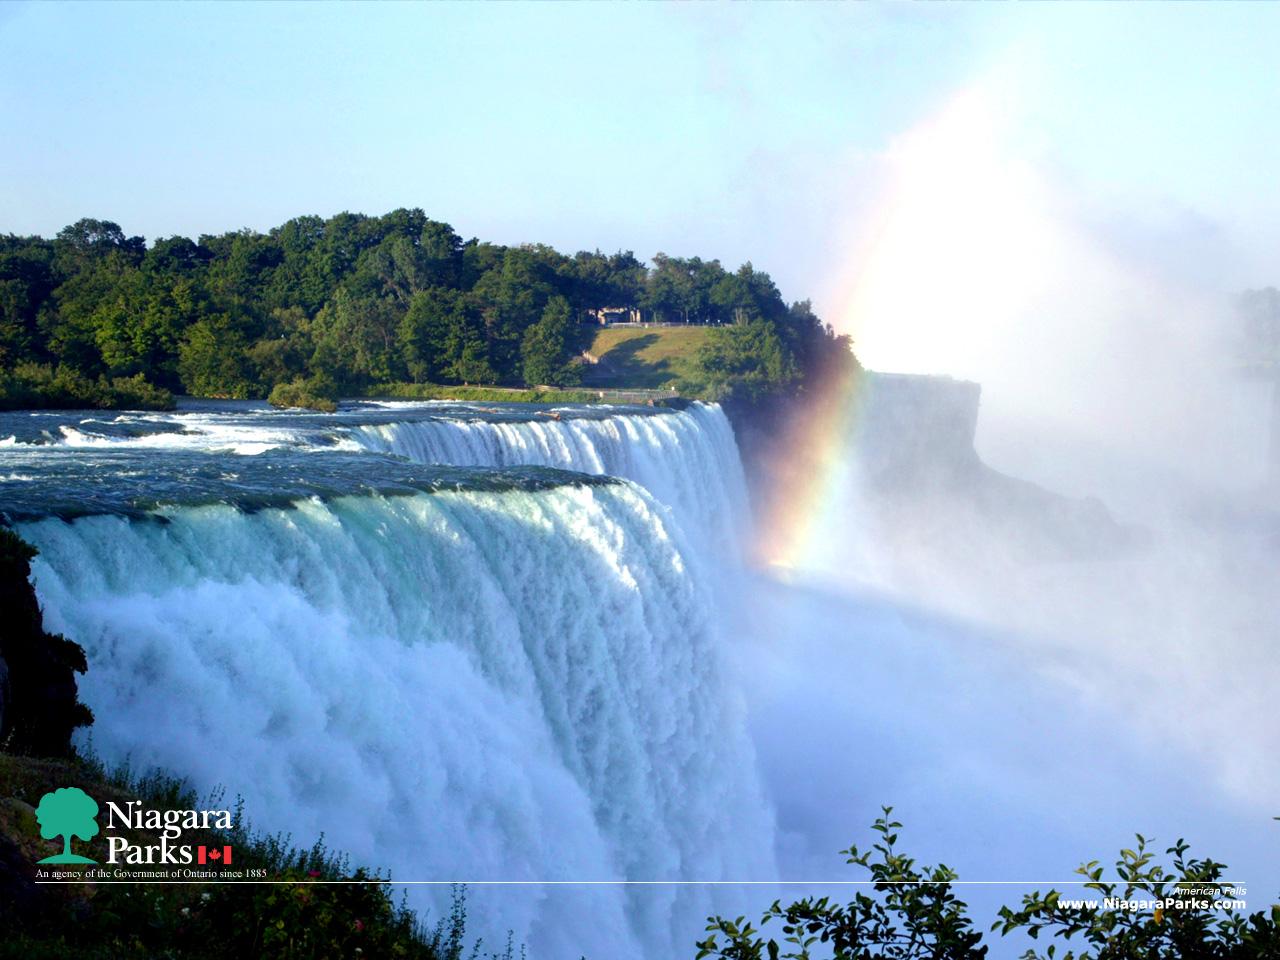 47 Niagara Falls Wallpaper For Desktop On Wallpapersafari